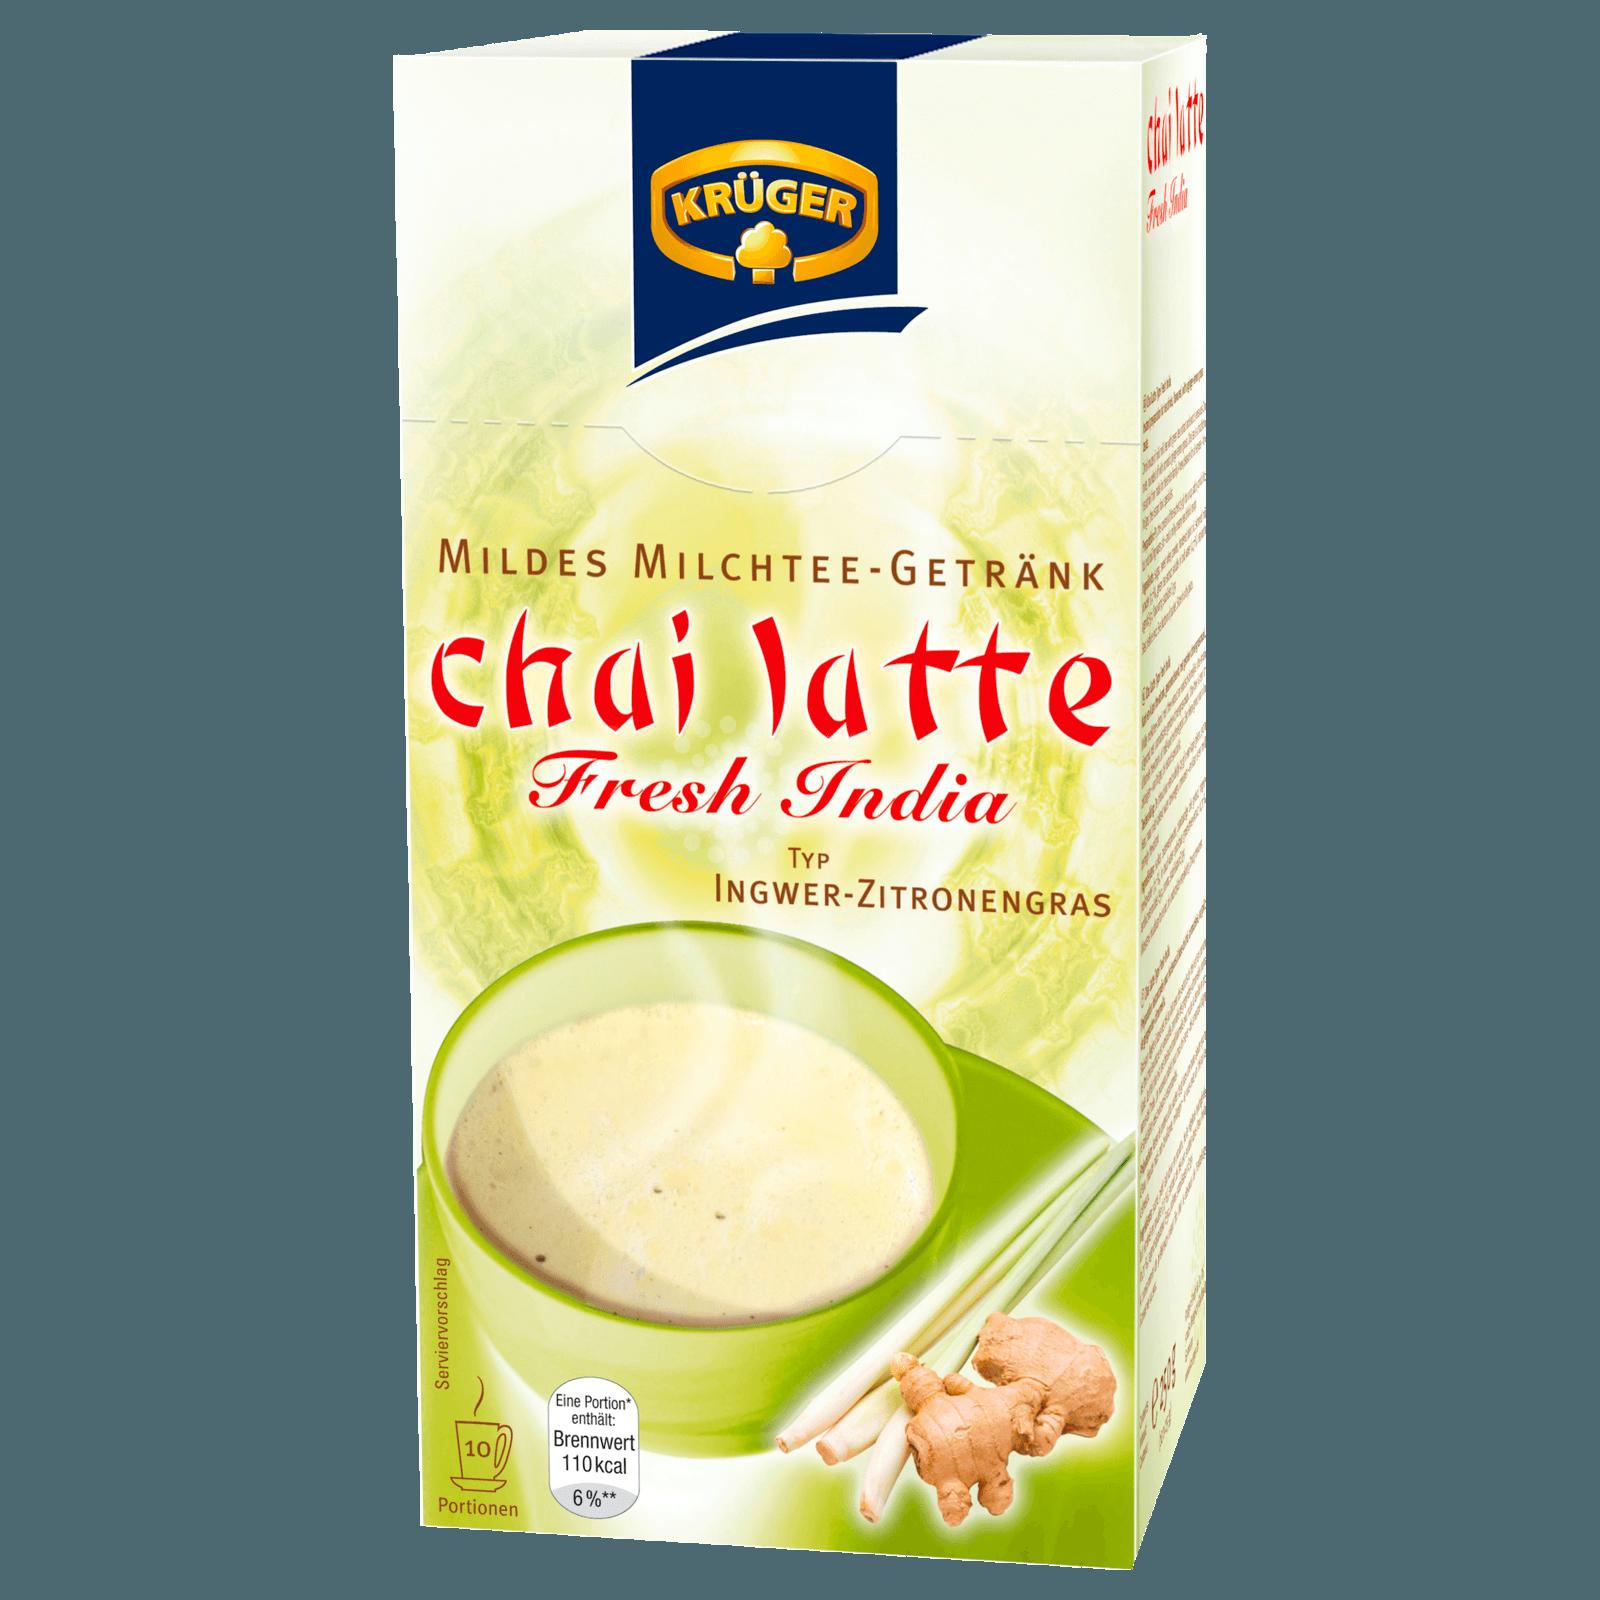 Krüger Chai Latte Fresh India 250g bei REWE online bestellen!